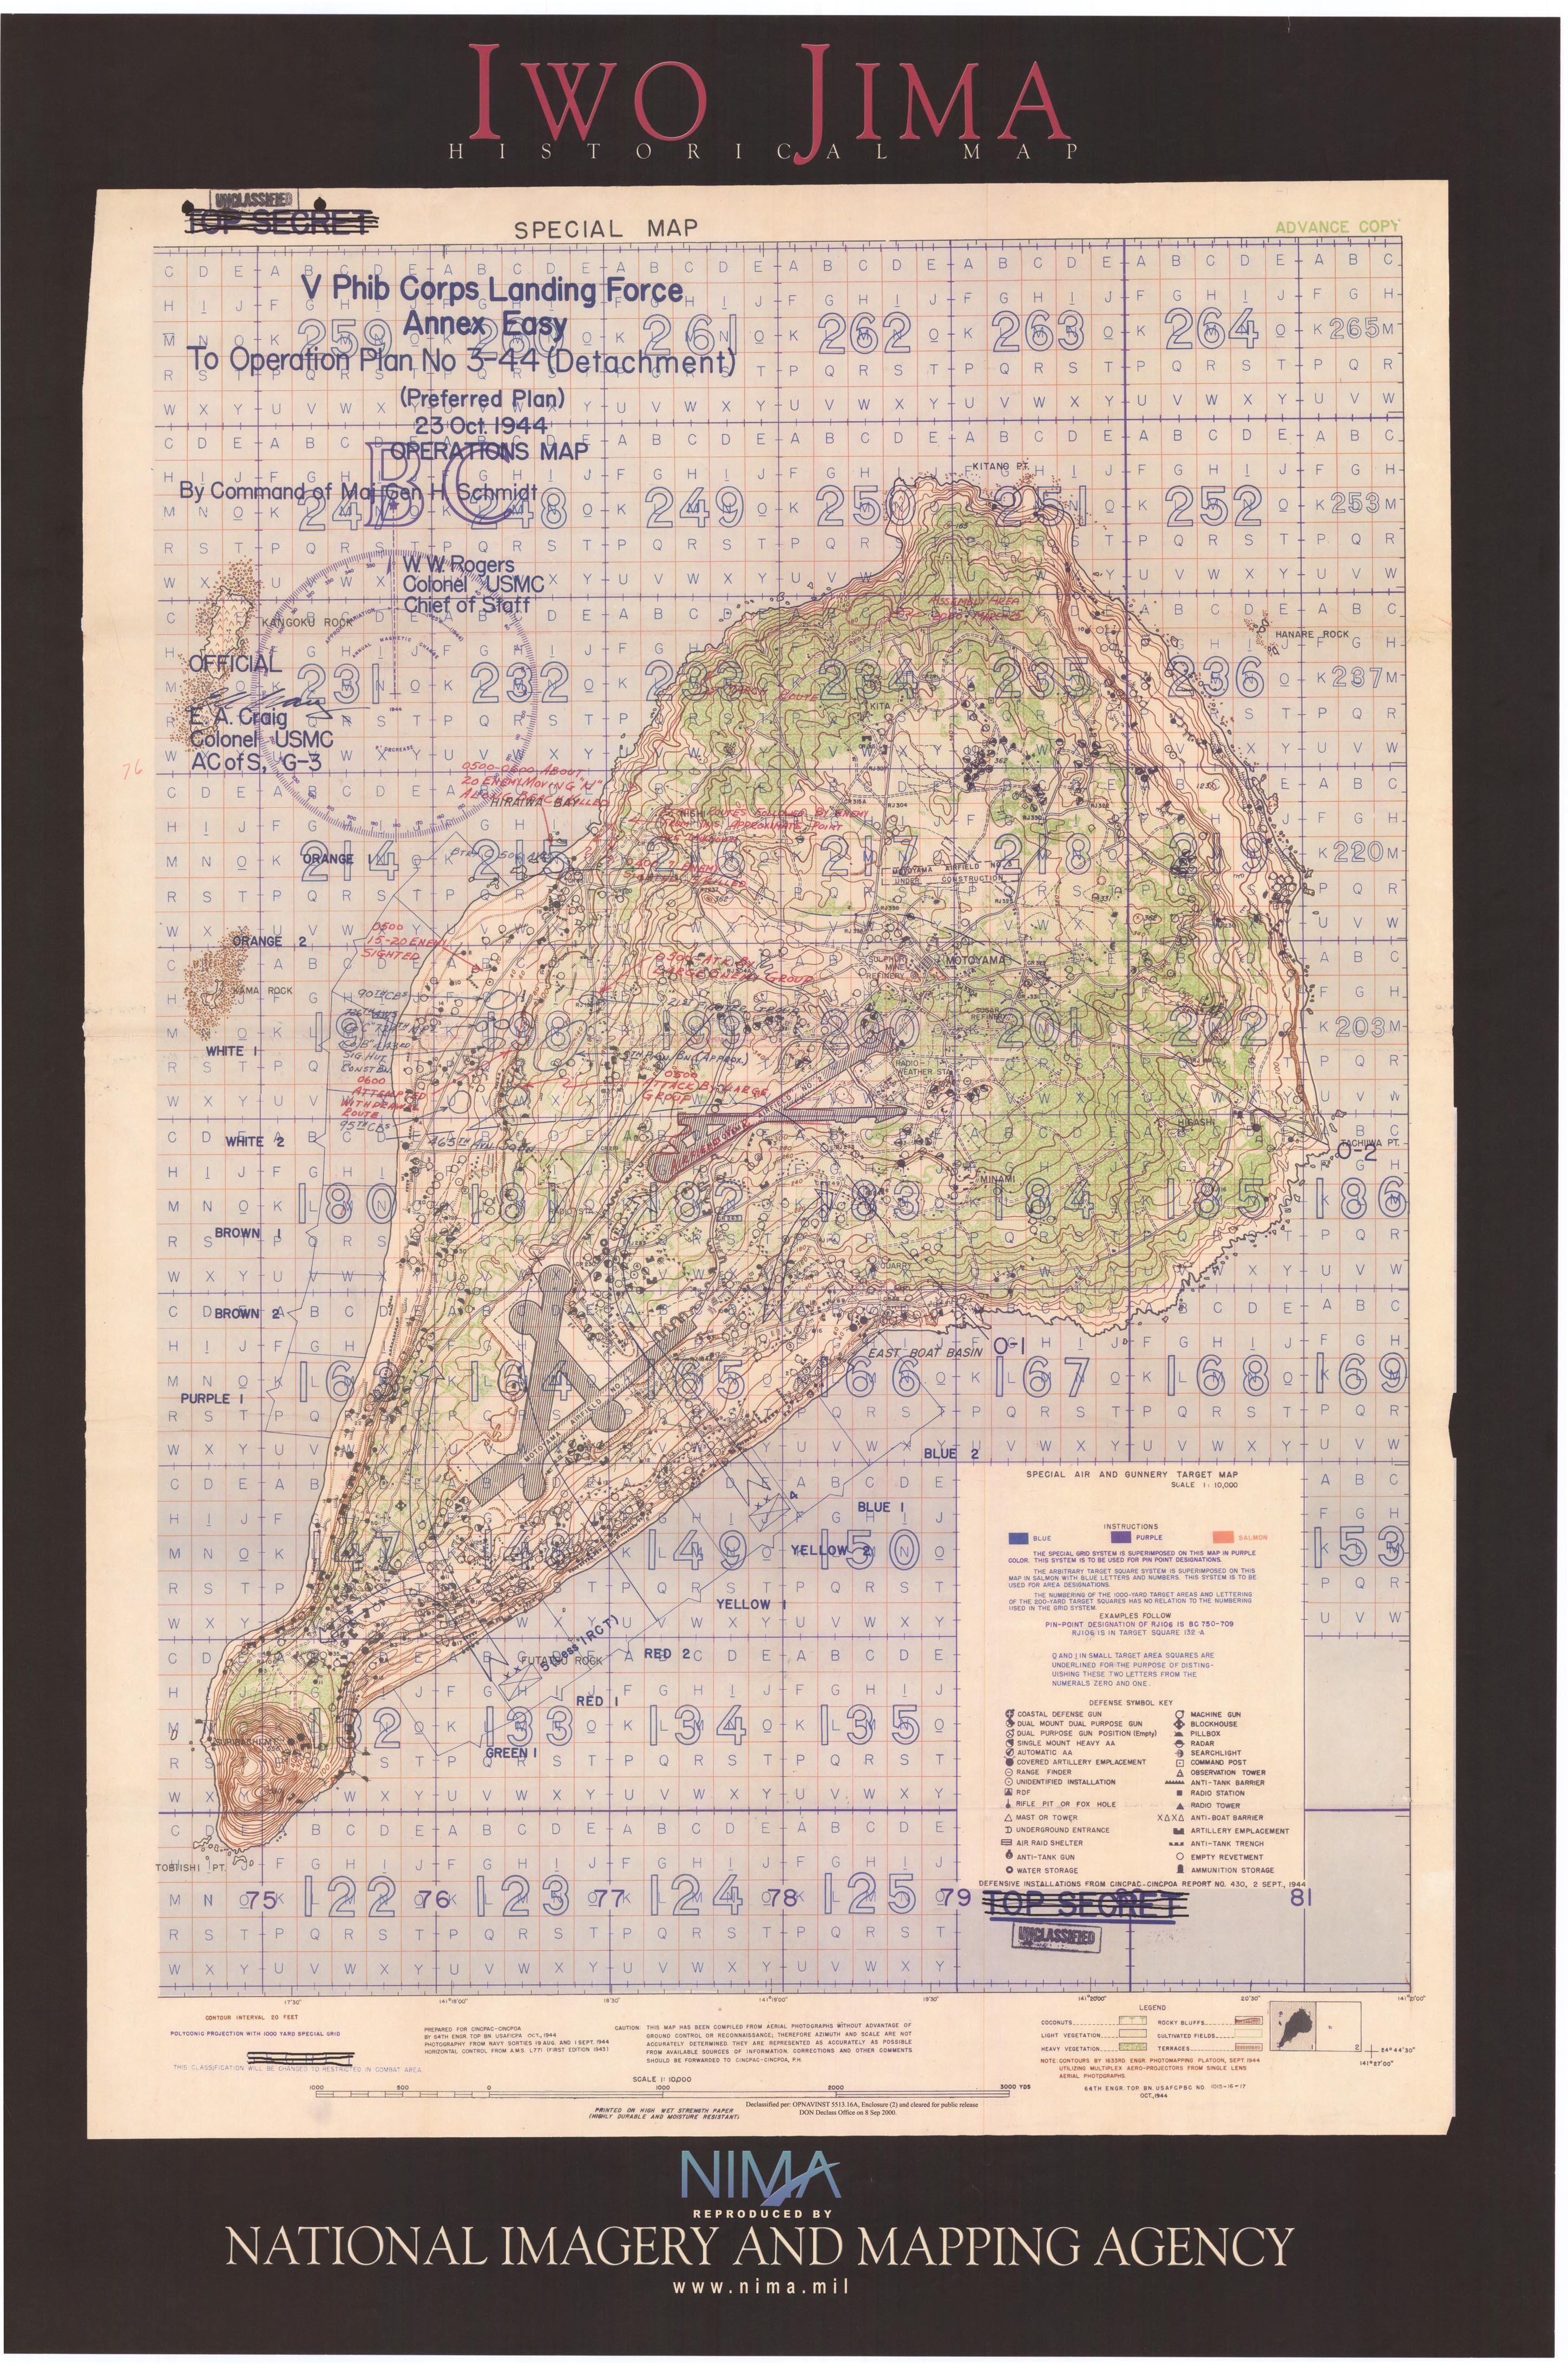 History Operations Map Of Iwo Jima Prepared 23 Oct 1944